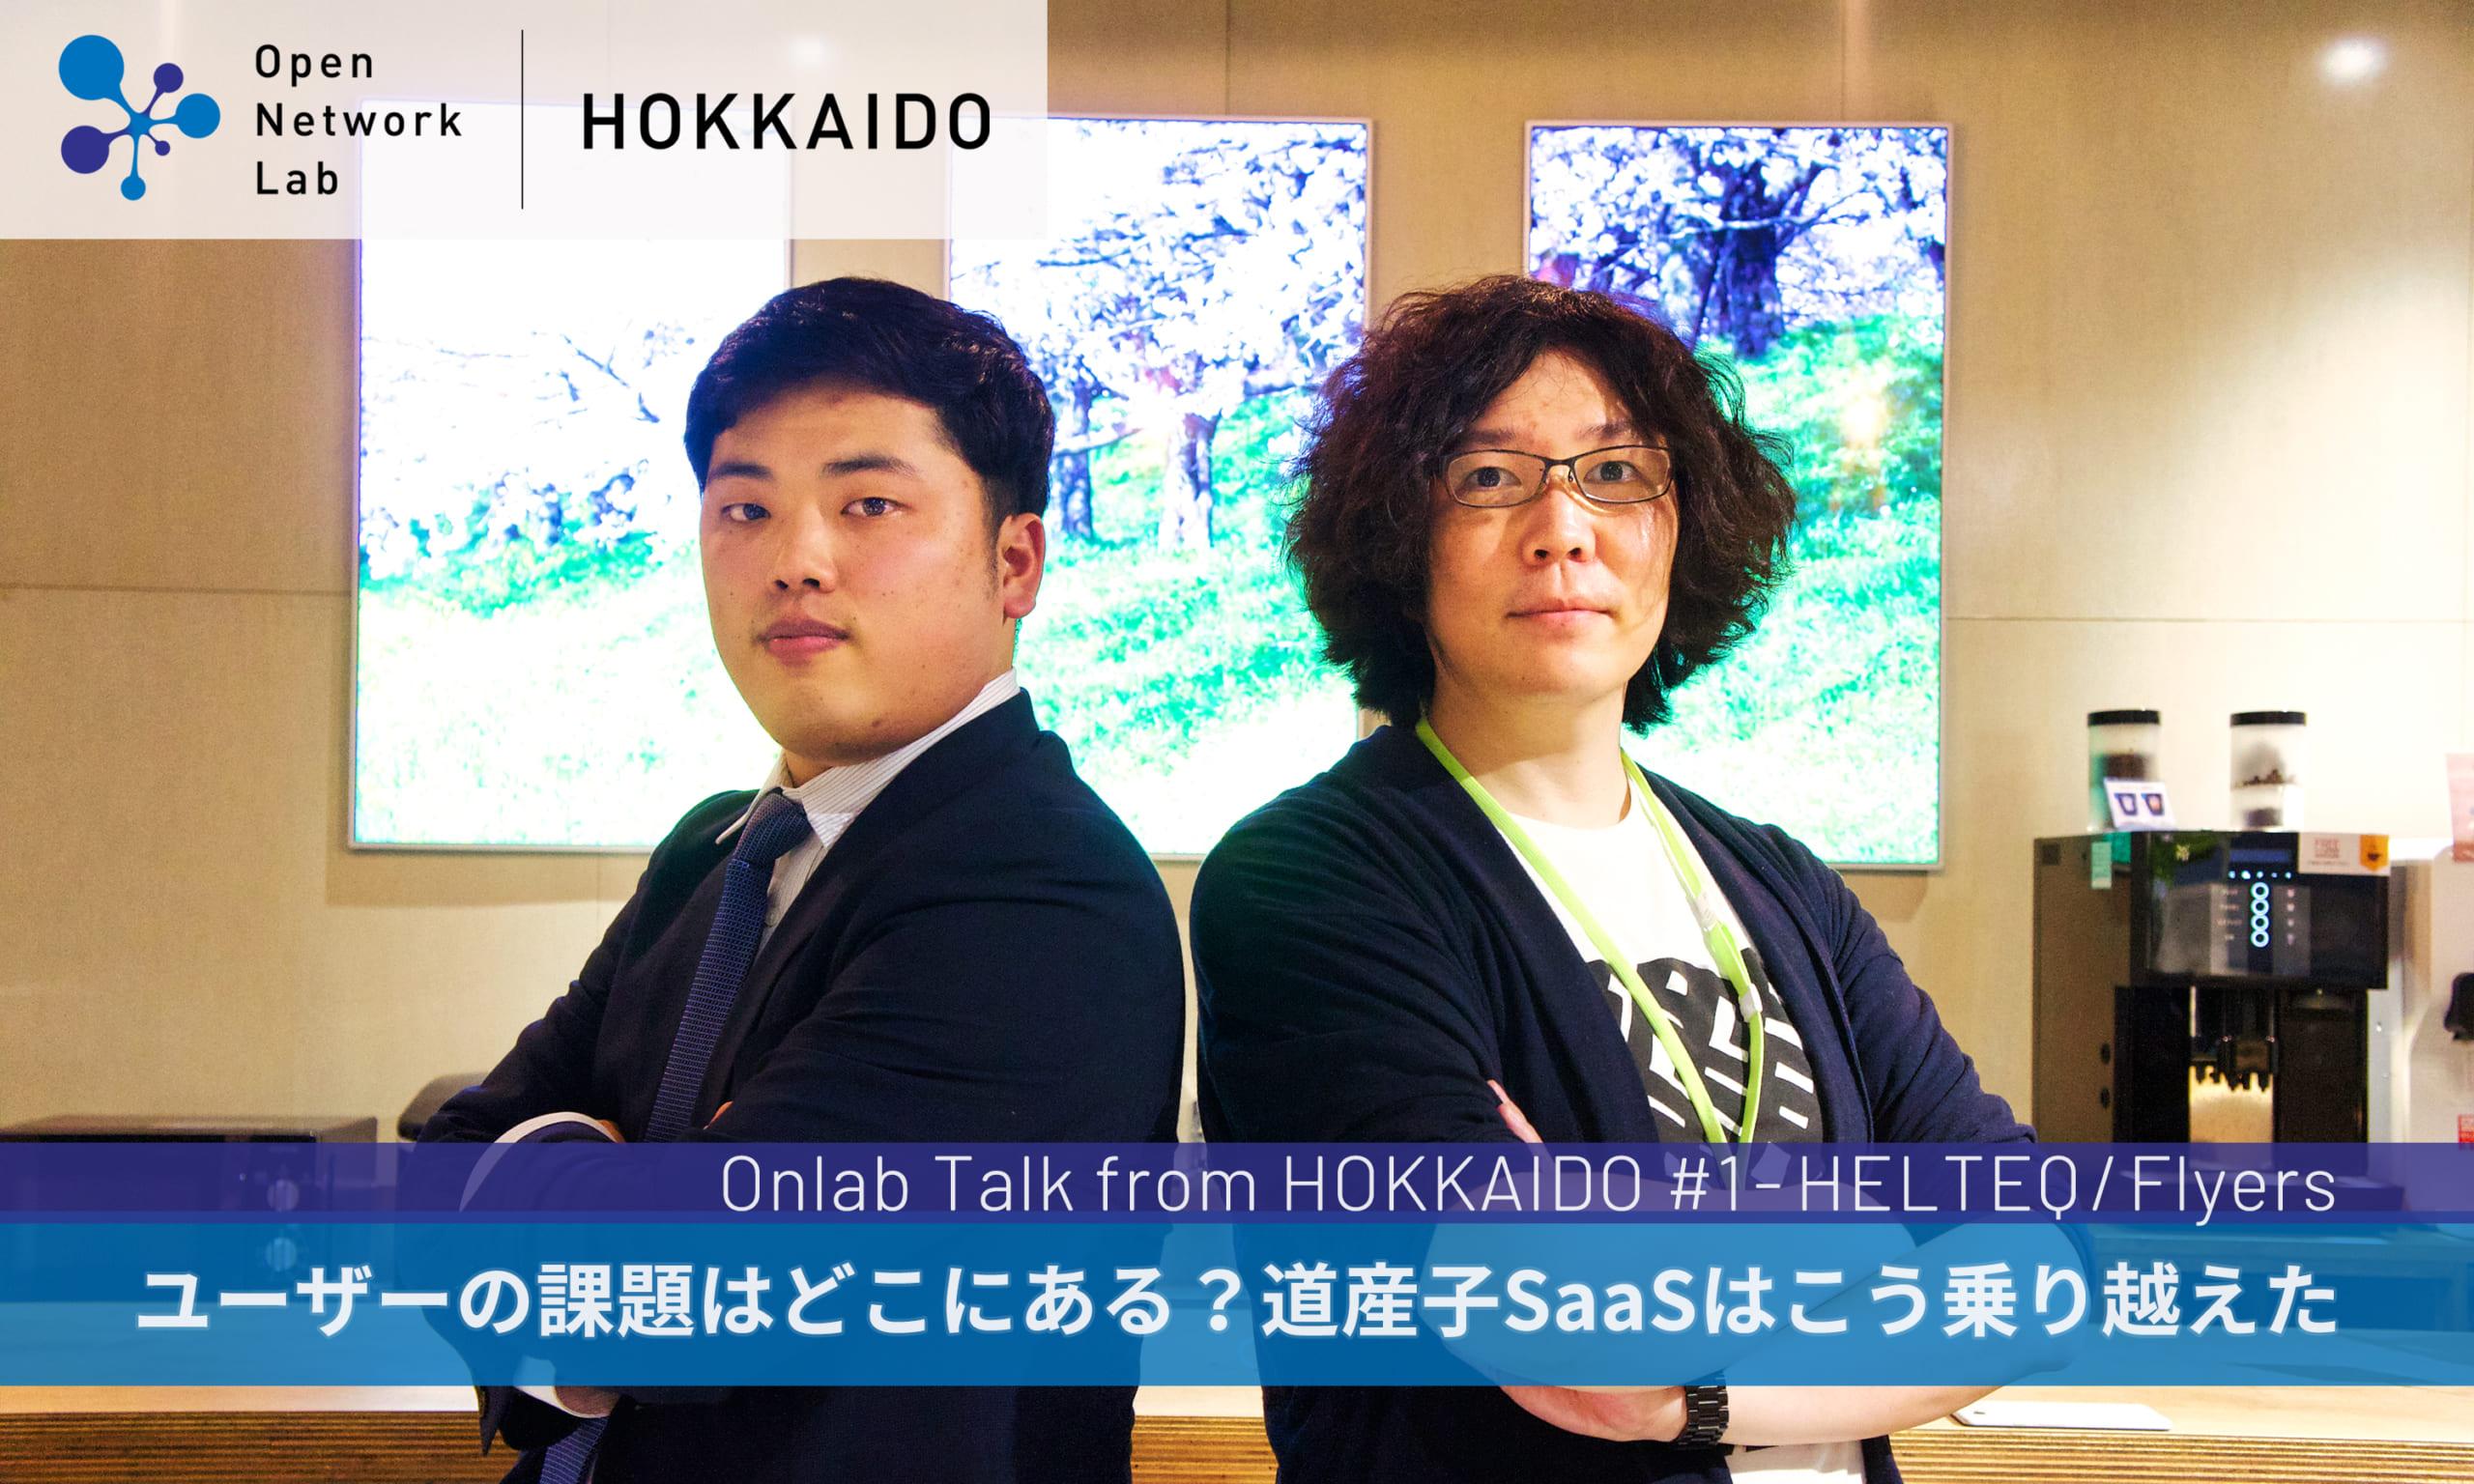 ユーザーの課題はどこにある?道産子SaaSはこう乗り越えた ーOnlabTalk from HOKKAIDO #1